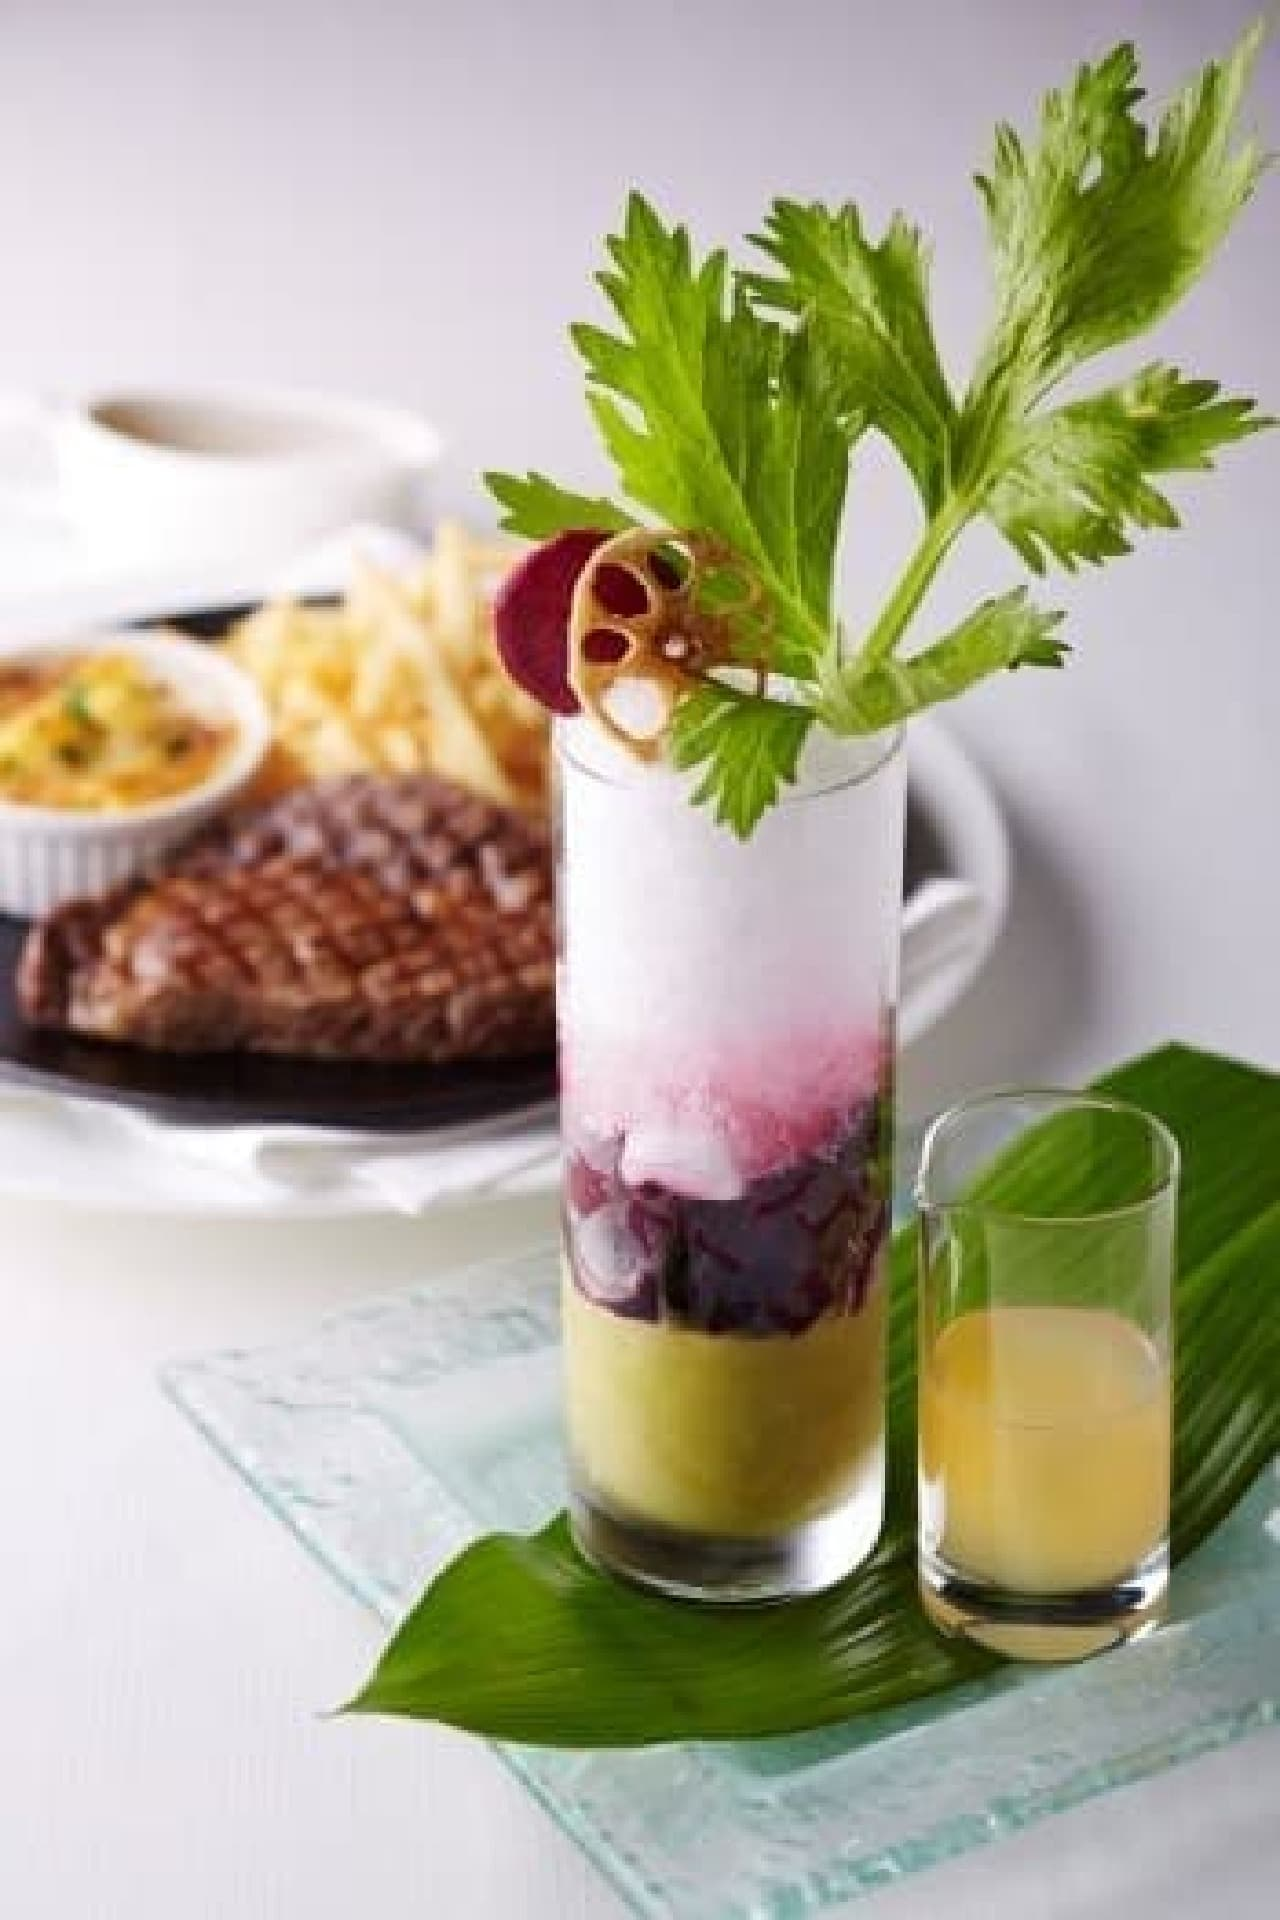 ヤサイトロピカルを前菜としたディナーコース(6,800円)も!